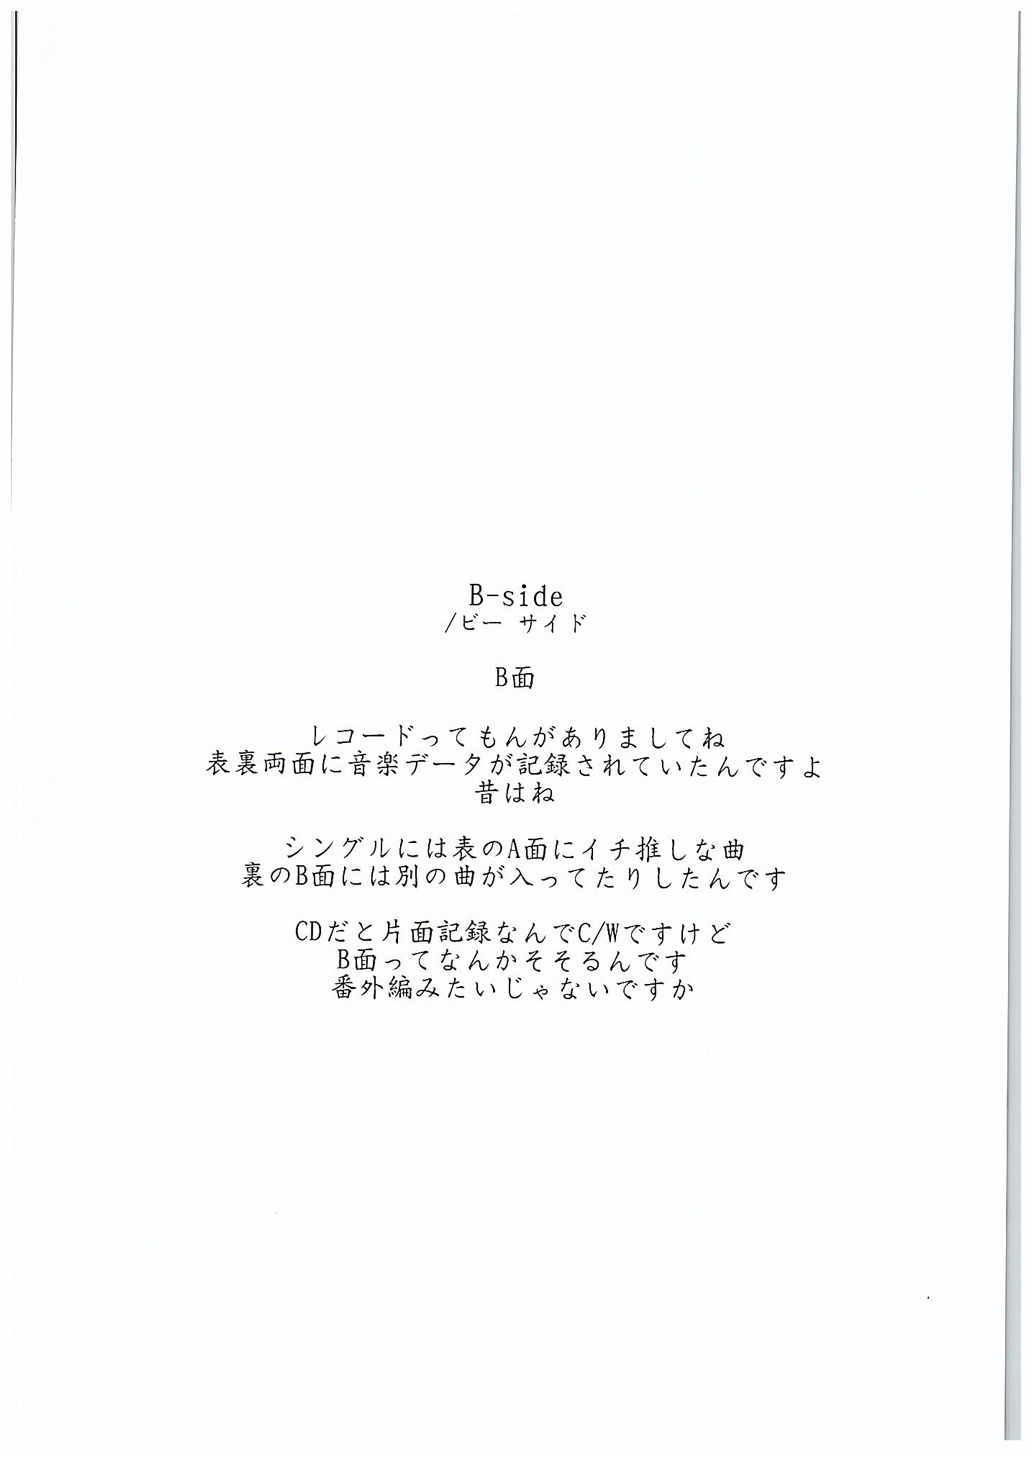 B-side 2